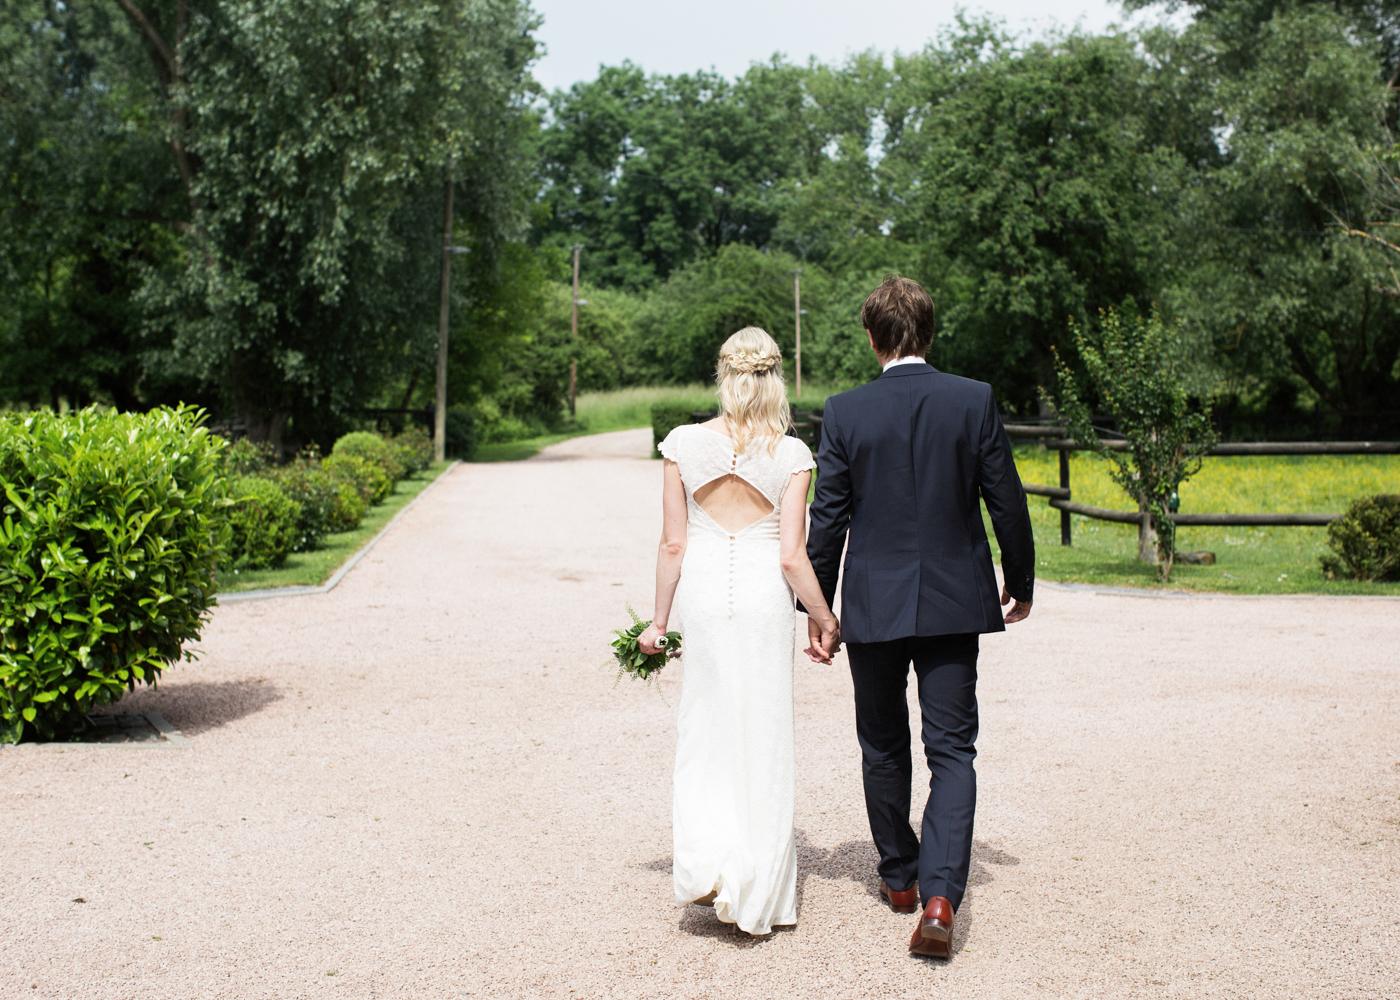 Hochzeitsreportage_Kiesendahl_ClaudiaundWolf_Blog_046.jpg